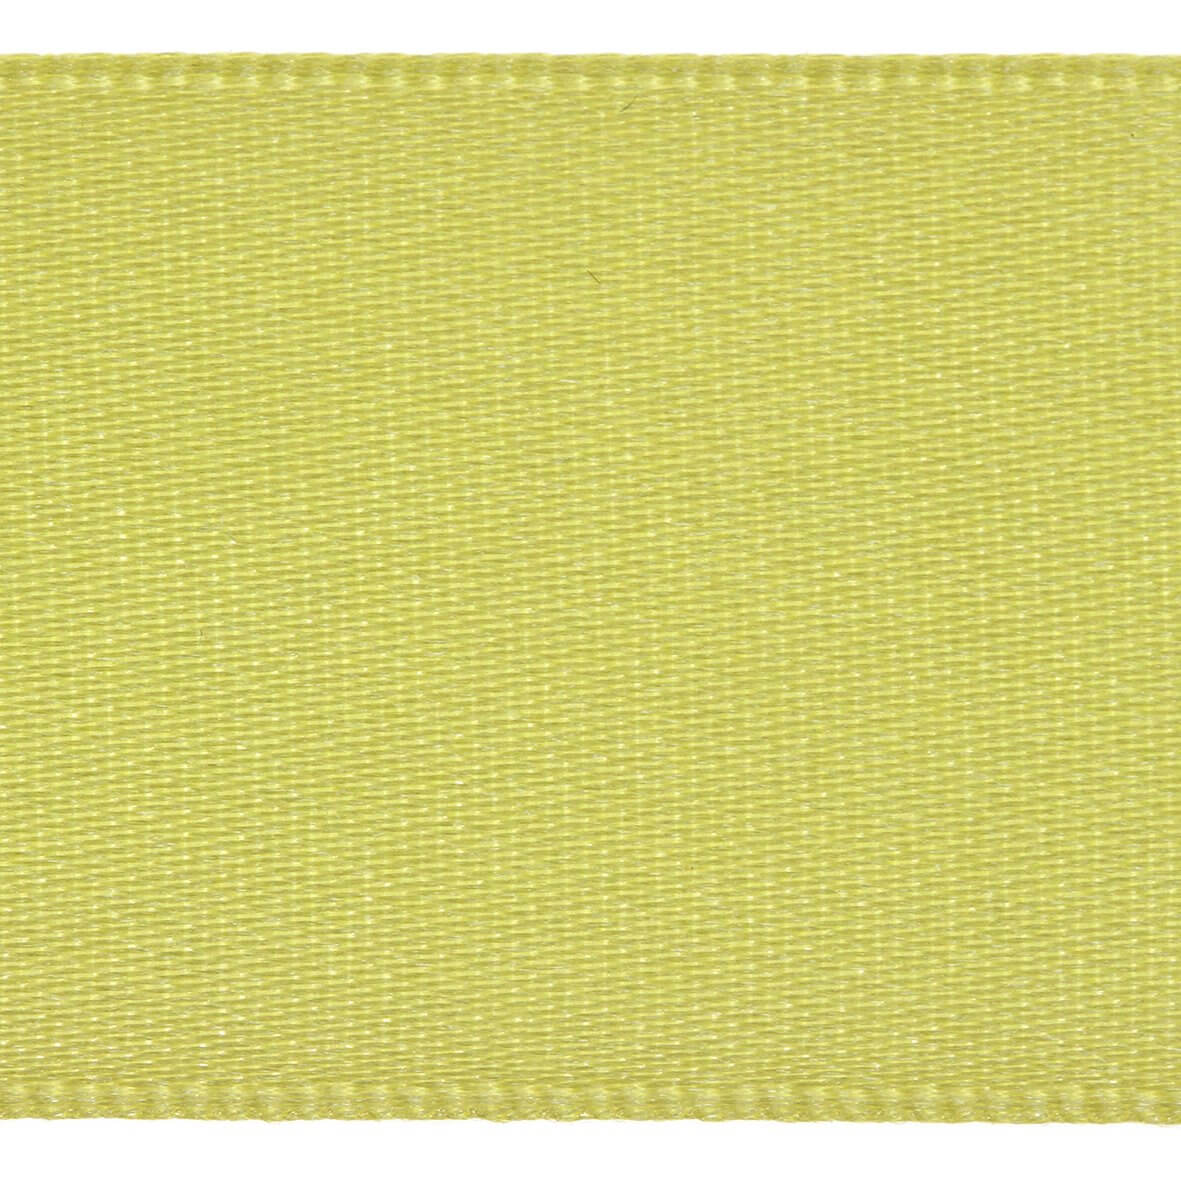 3mm Berisfords Satin Ribbon - Lemon Colour 5